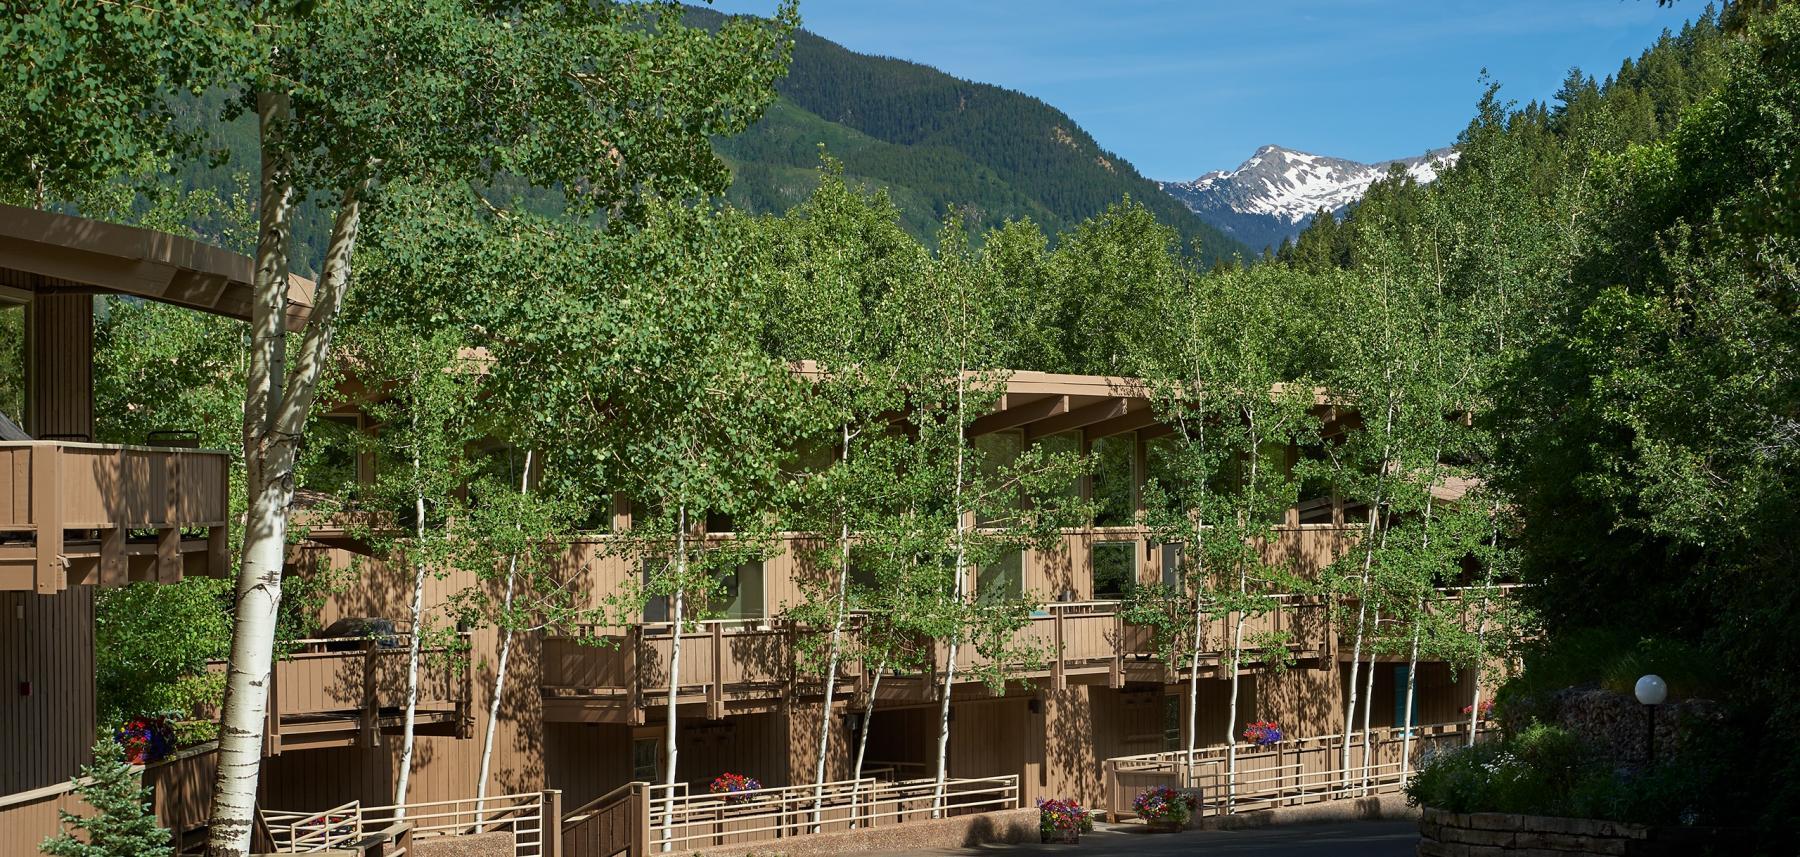 Aspen Alps Condo Rentals